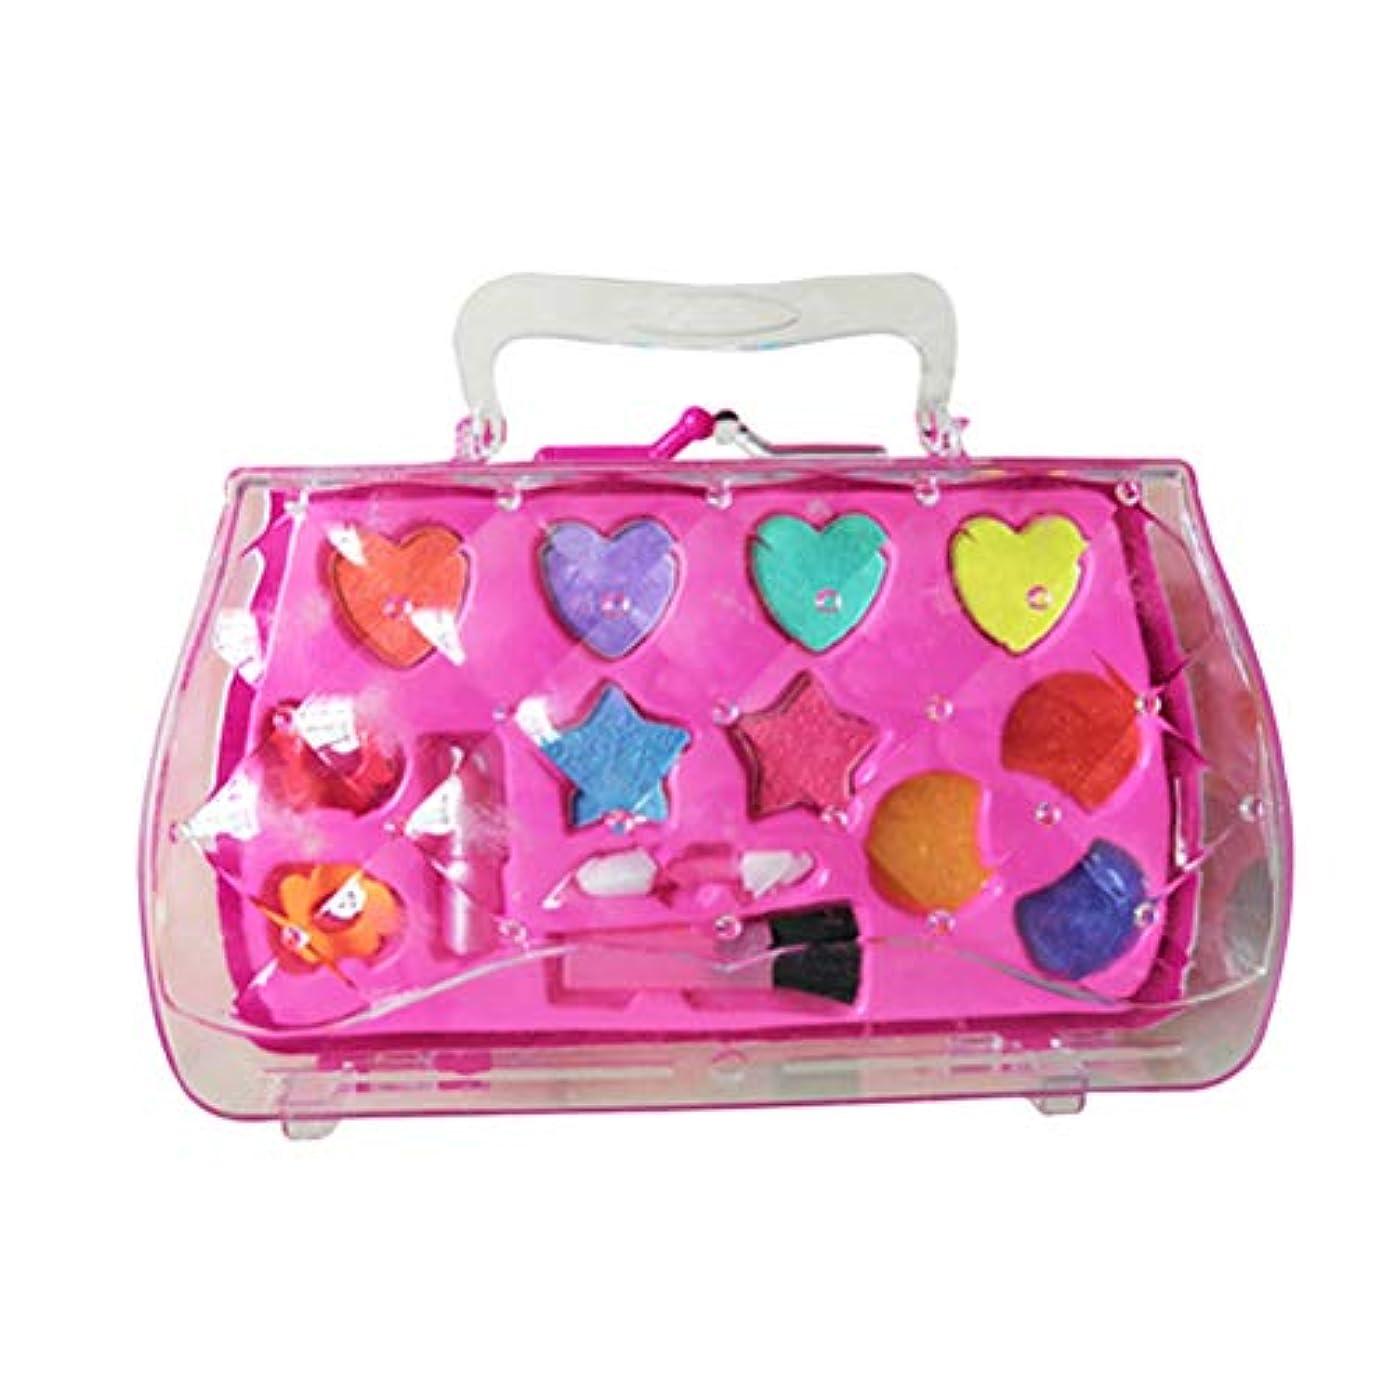 ペンス先夕方Toyvian 女の子はおもちゃのセットを作る化粧品キットの口紅アイシャドーブラシ子供のためのおもちゃを作る女の子(ピンク)